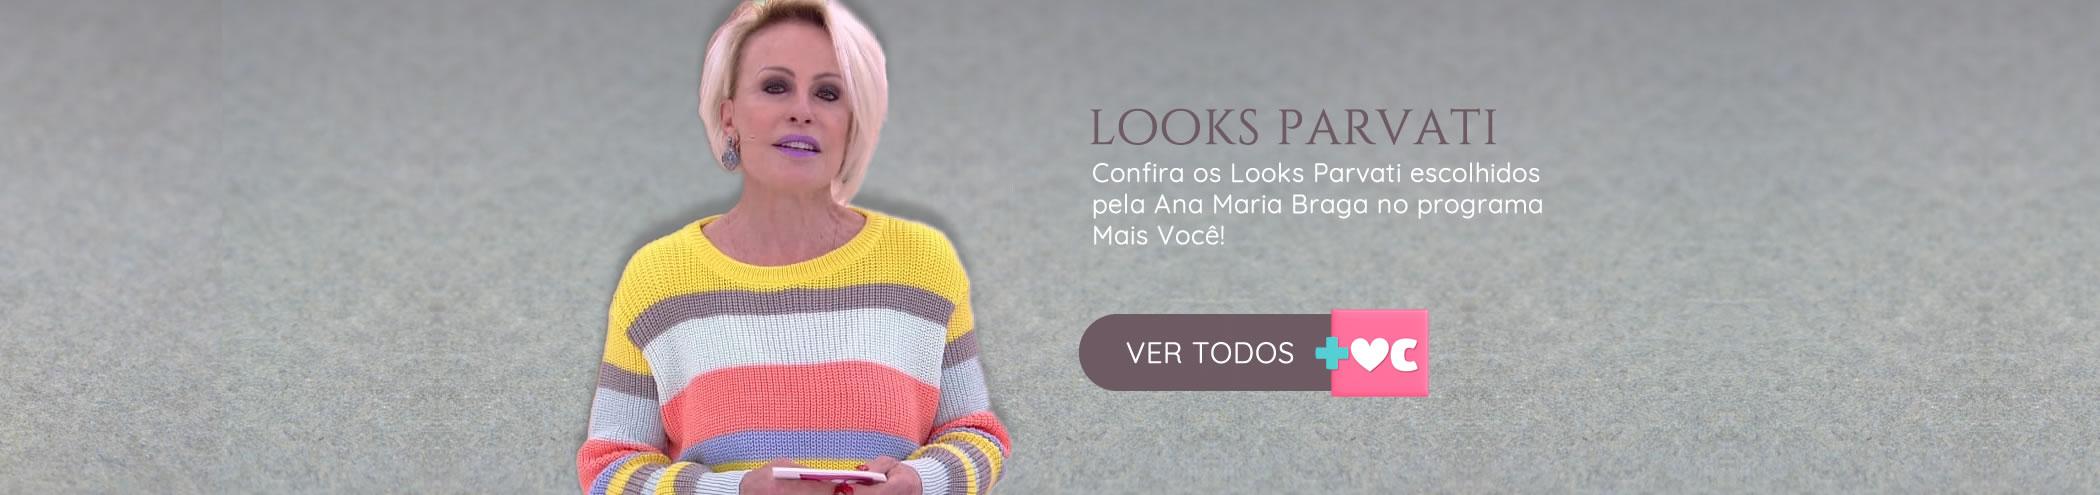 Looks Parvati escolhidos por Ana Maria Braga